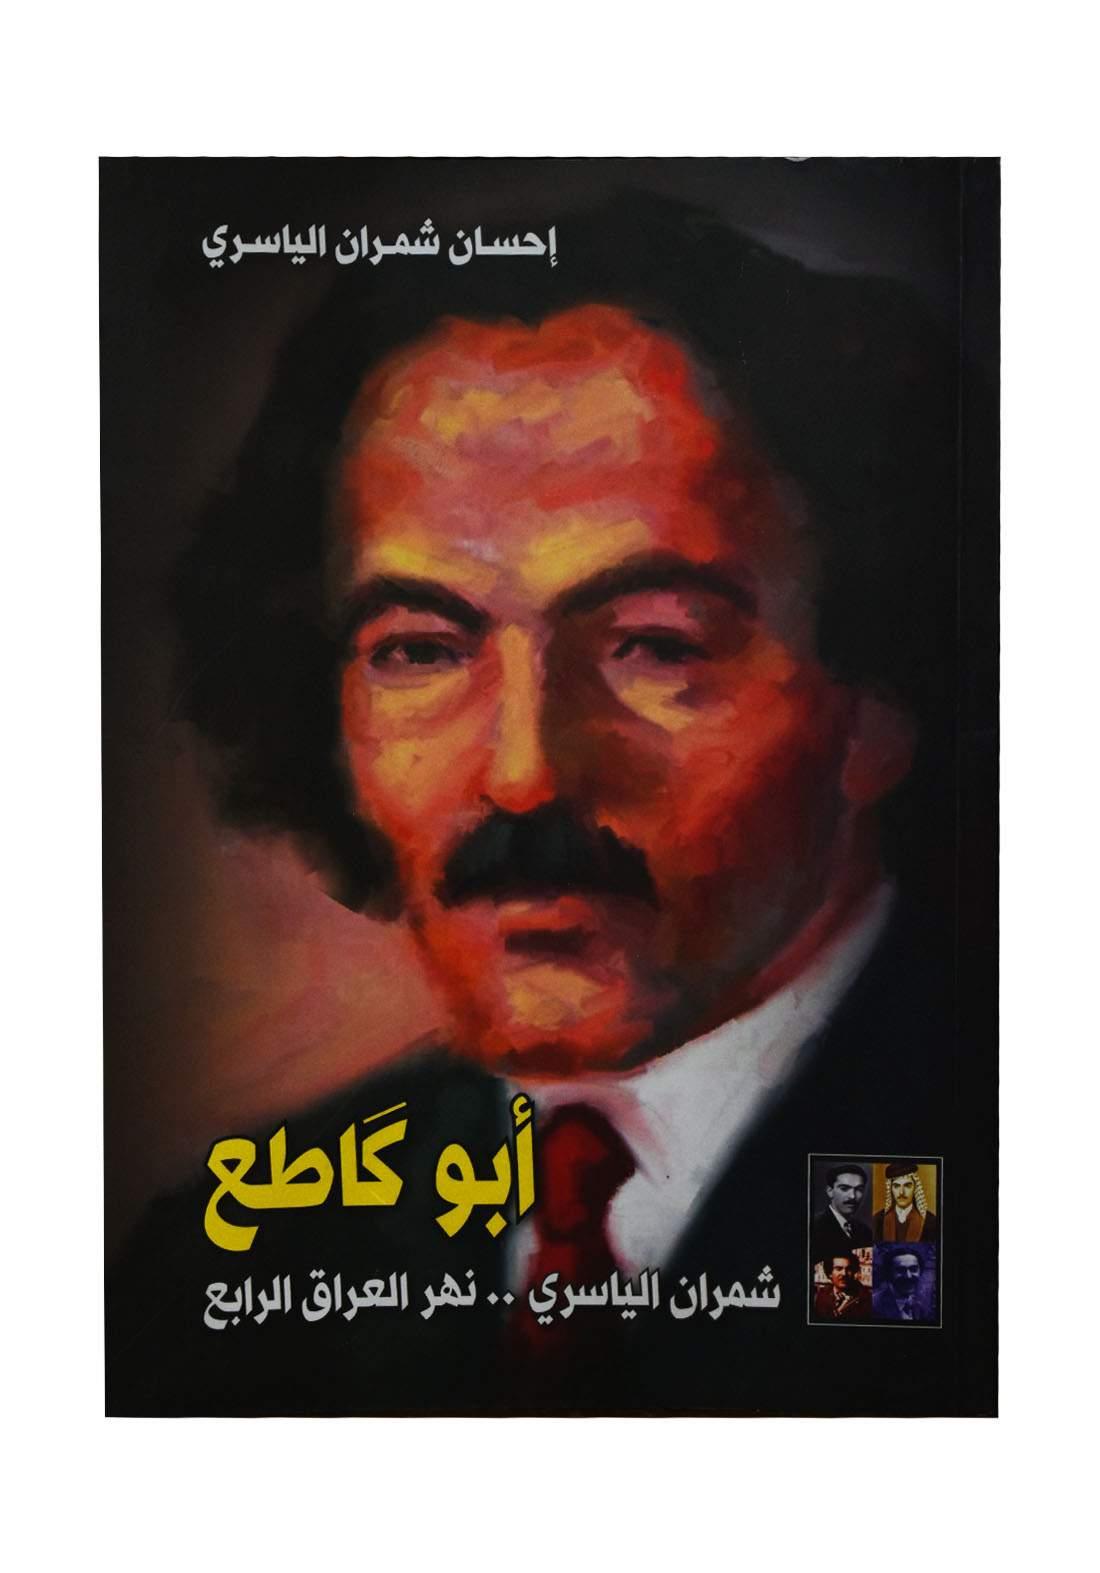 ابو كاطع شمران الياسري نهر العراق الرابع